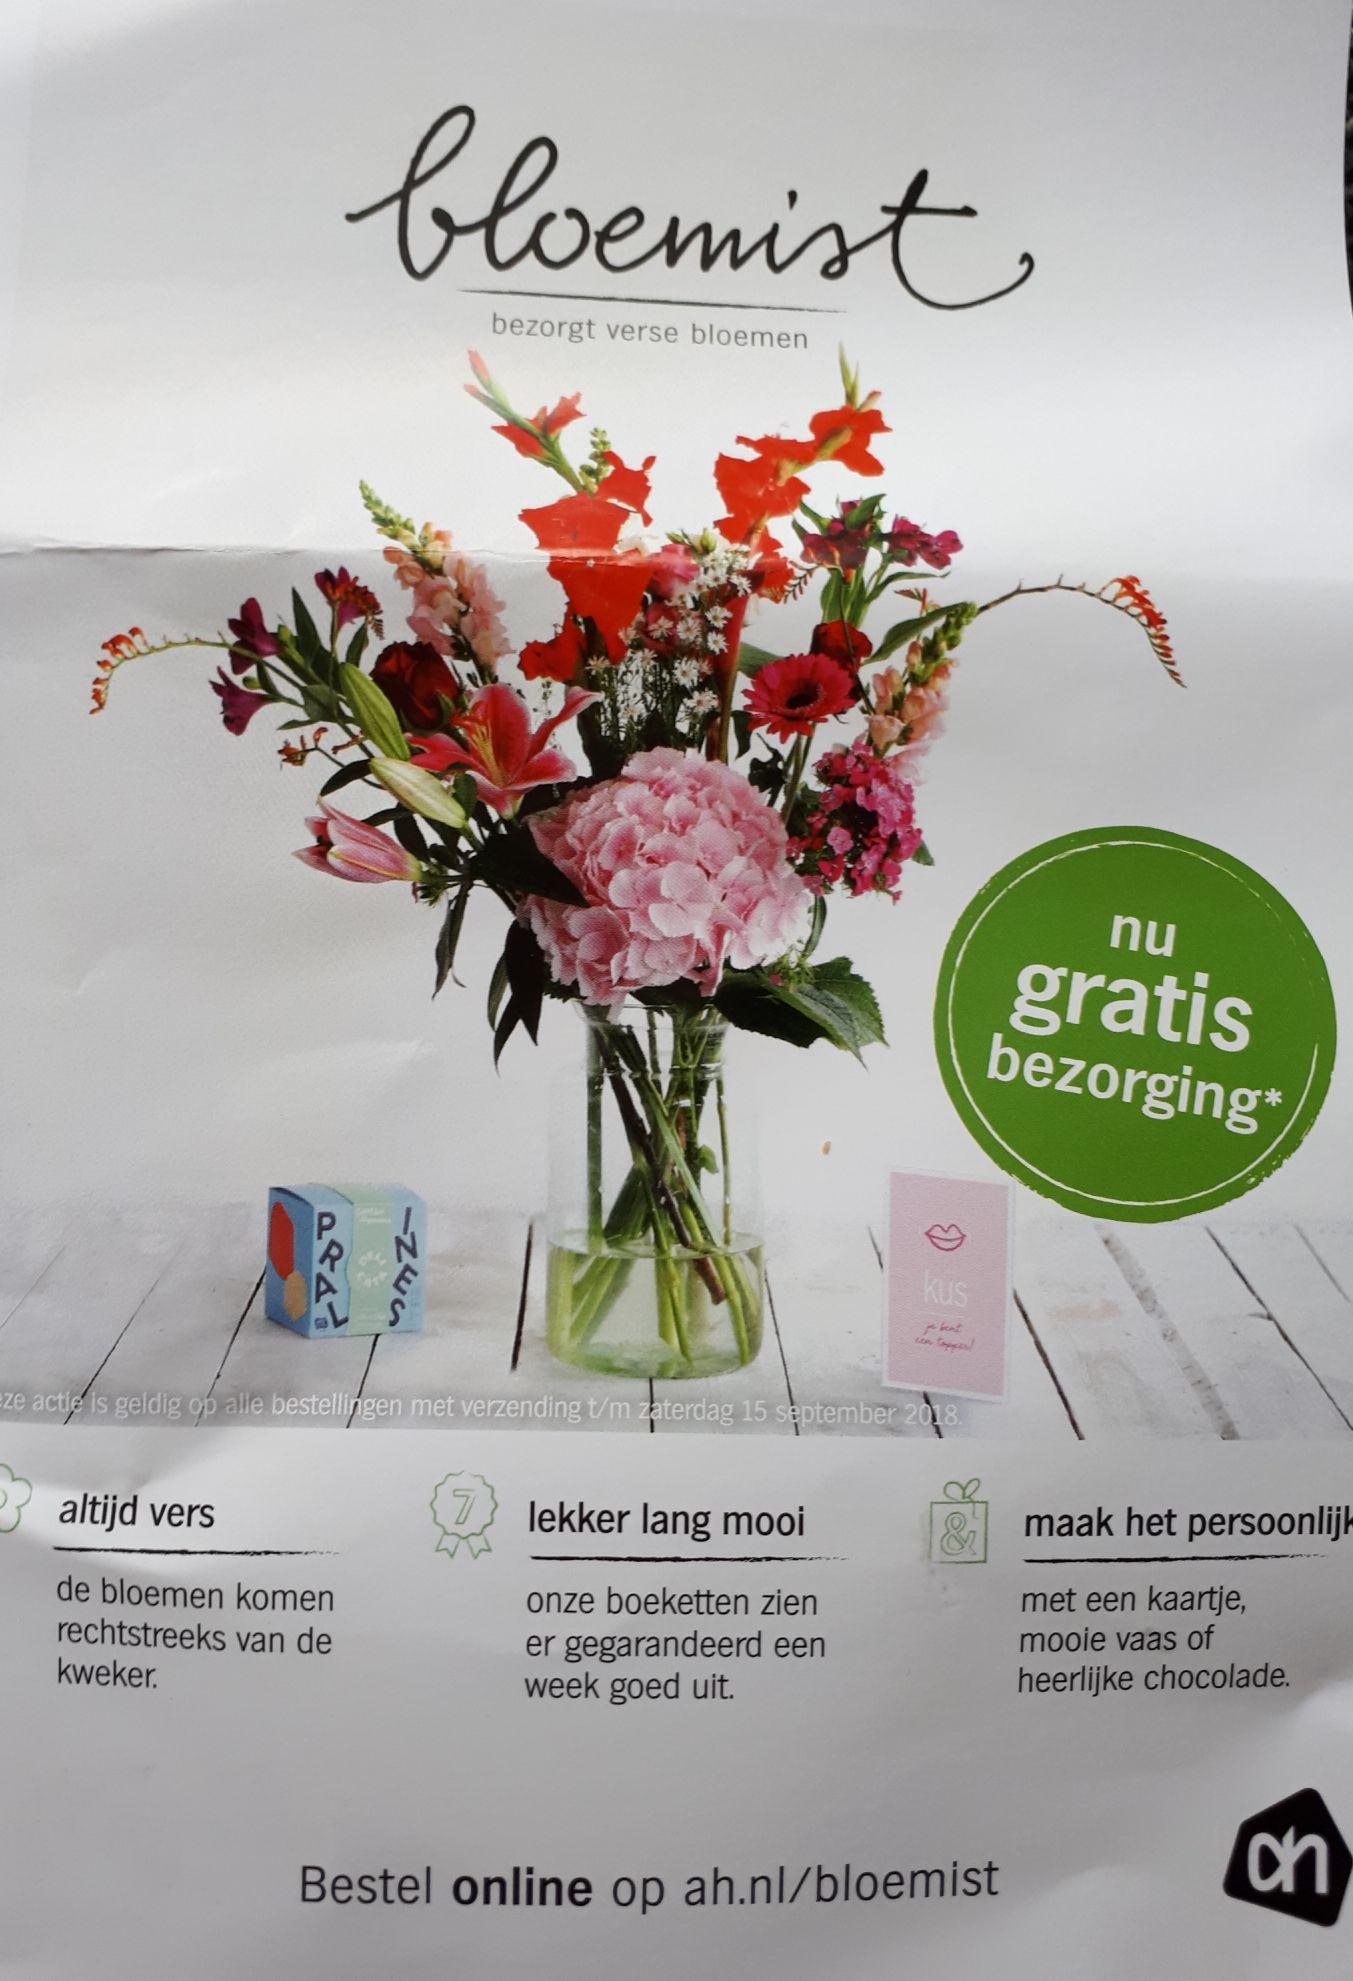 Gratis bezorgen op ah.nl/bloemist